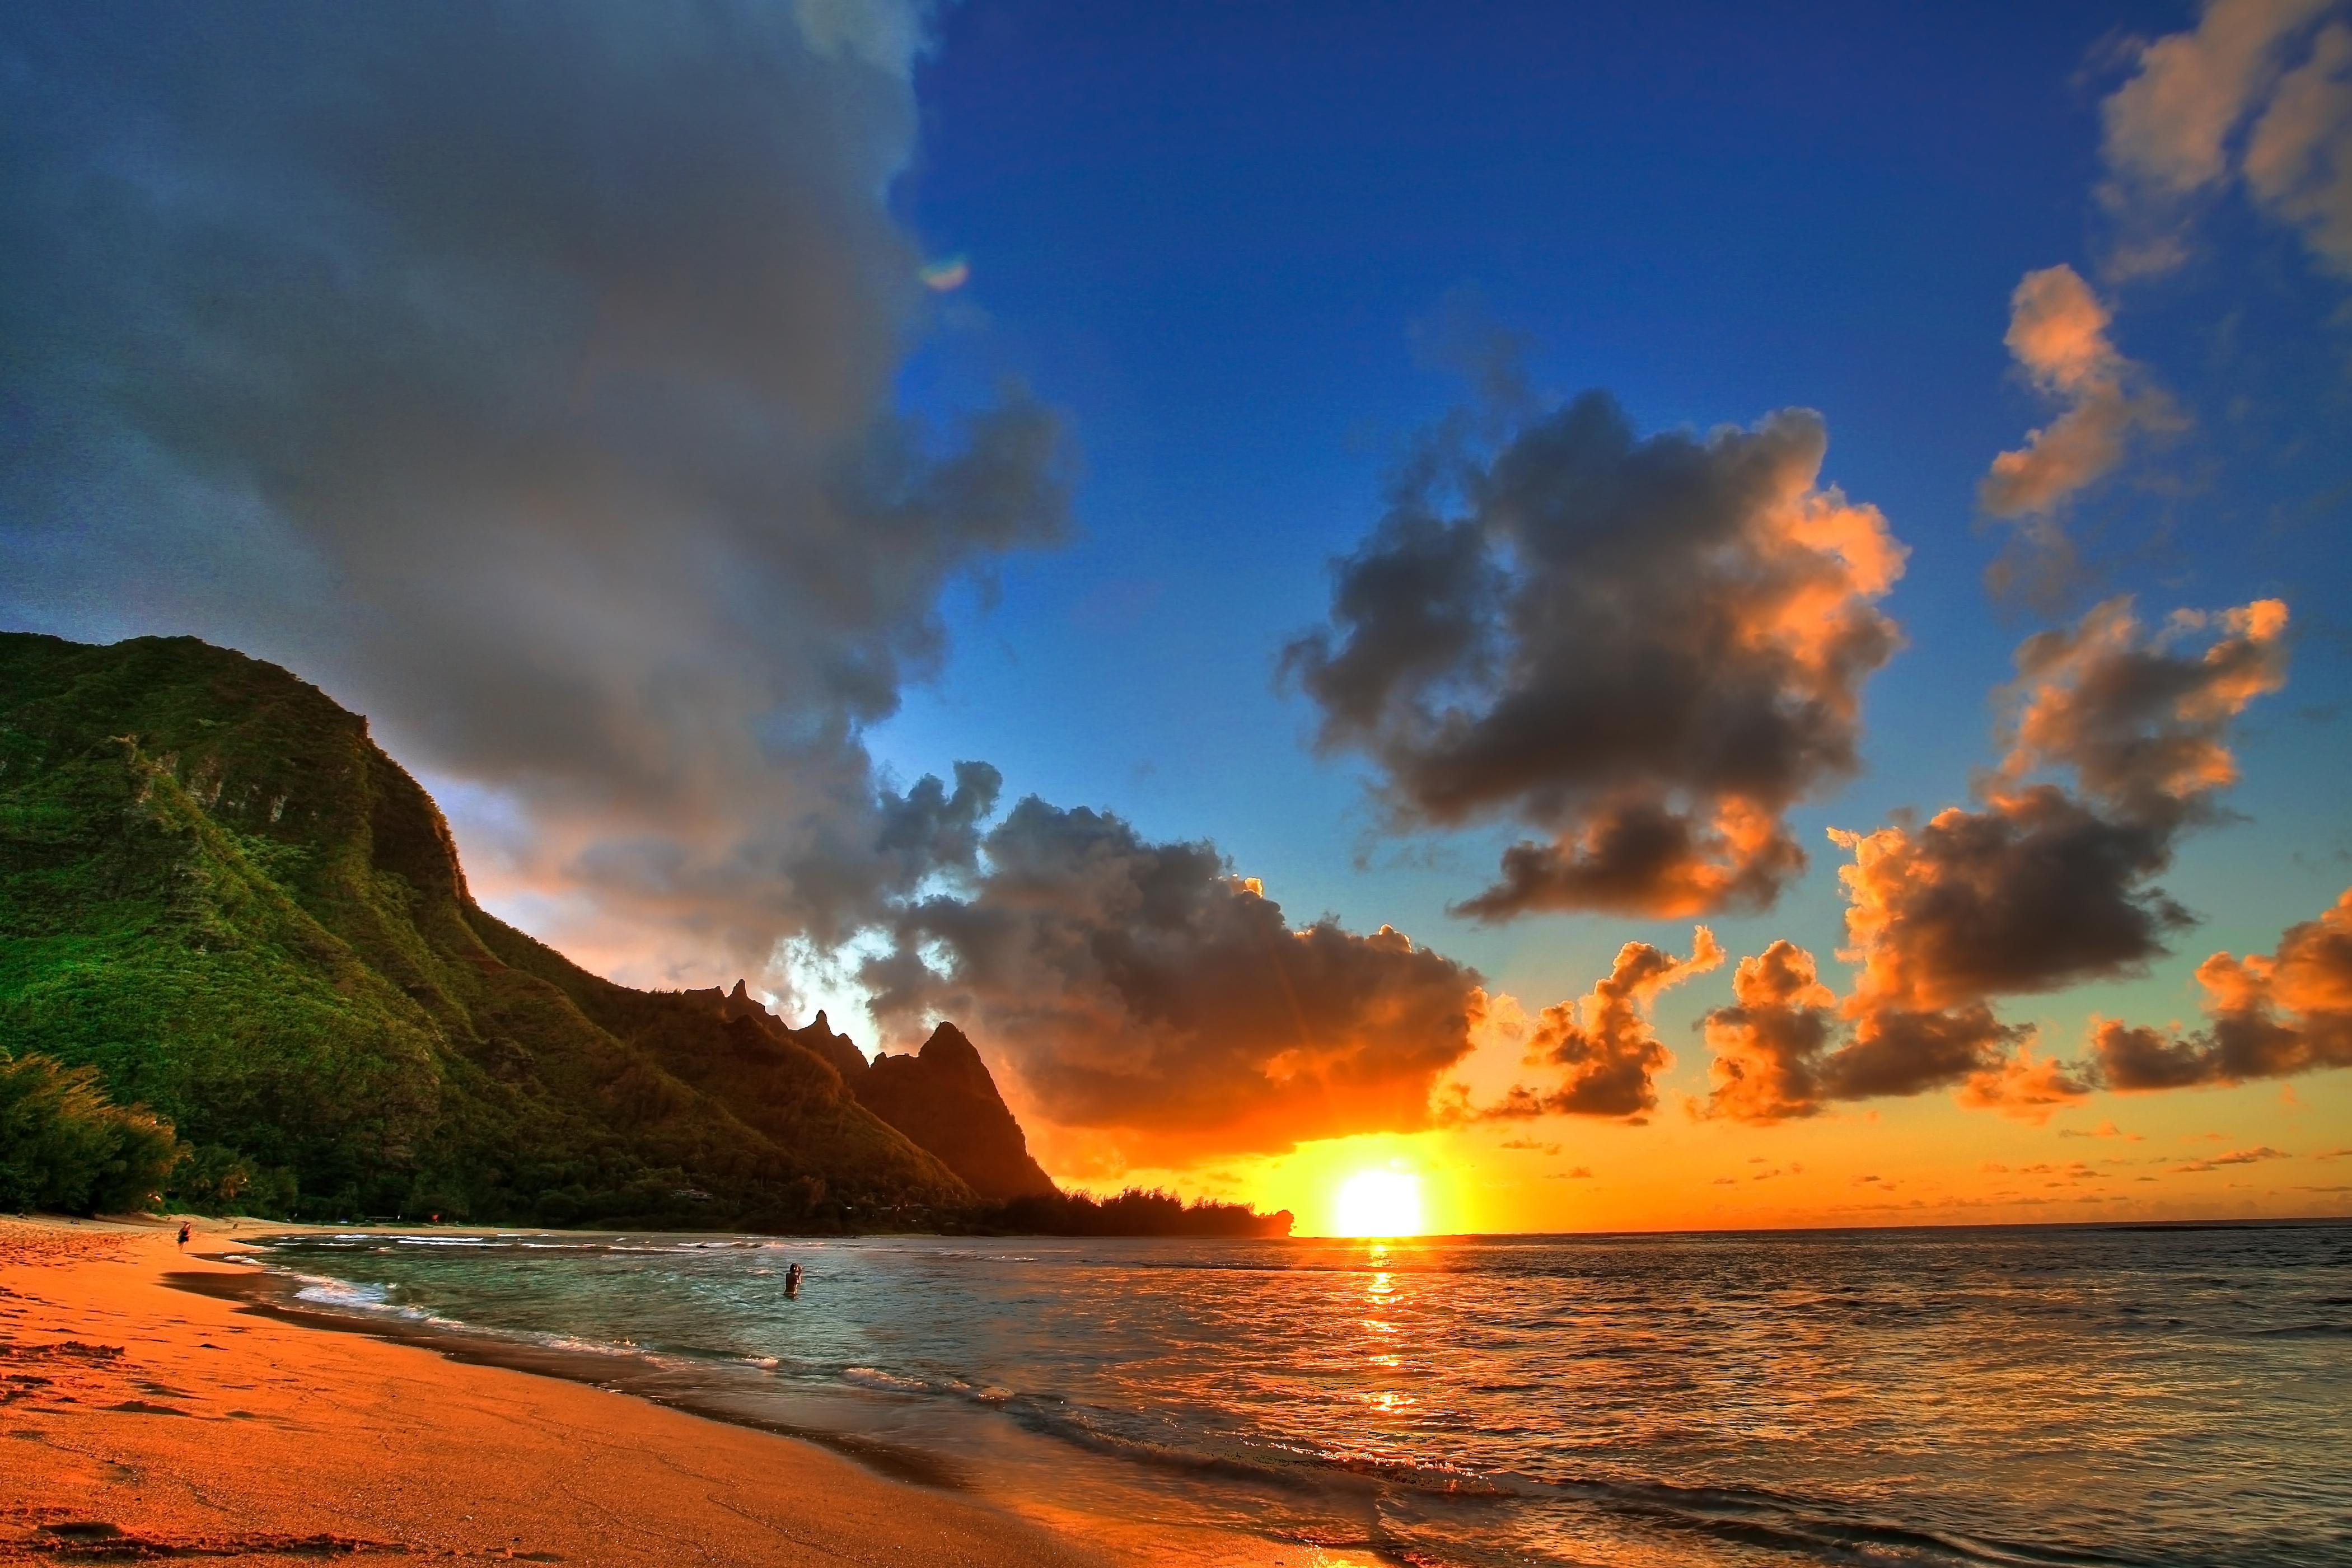 фото природы высокого разрешения море